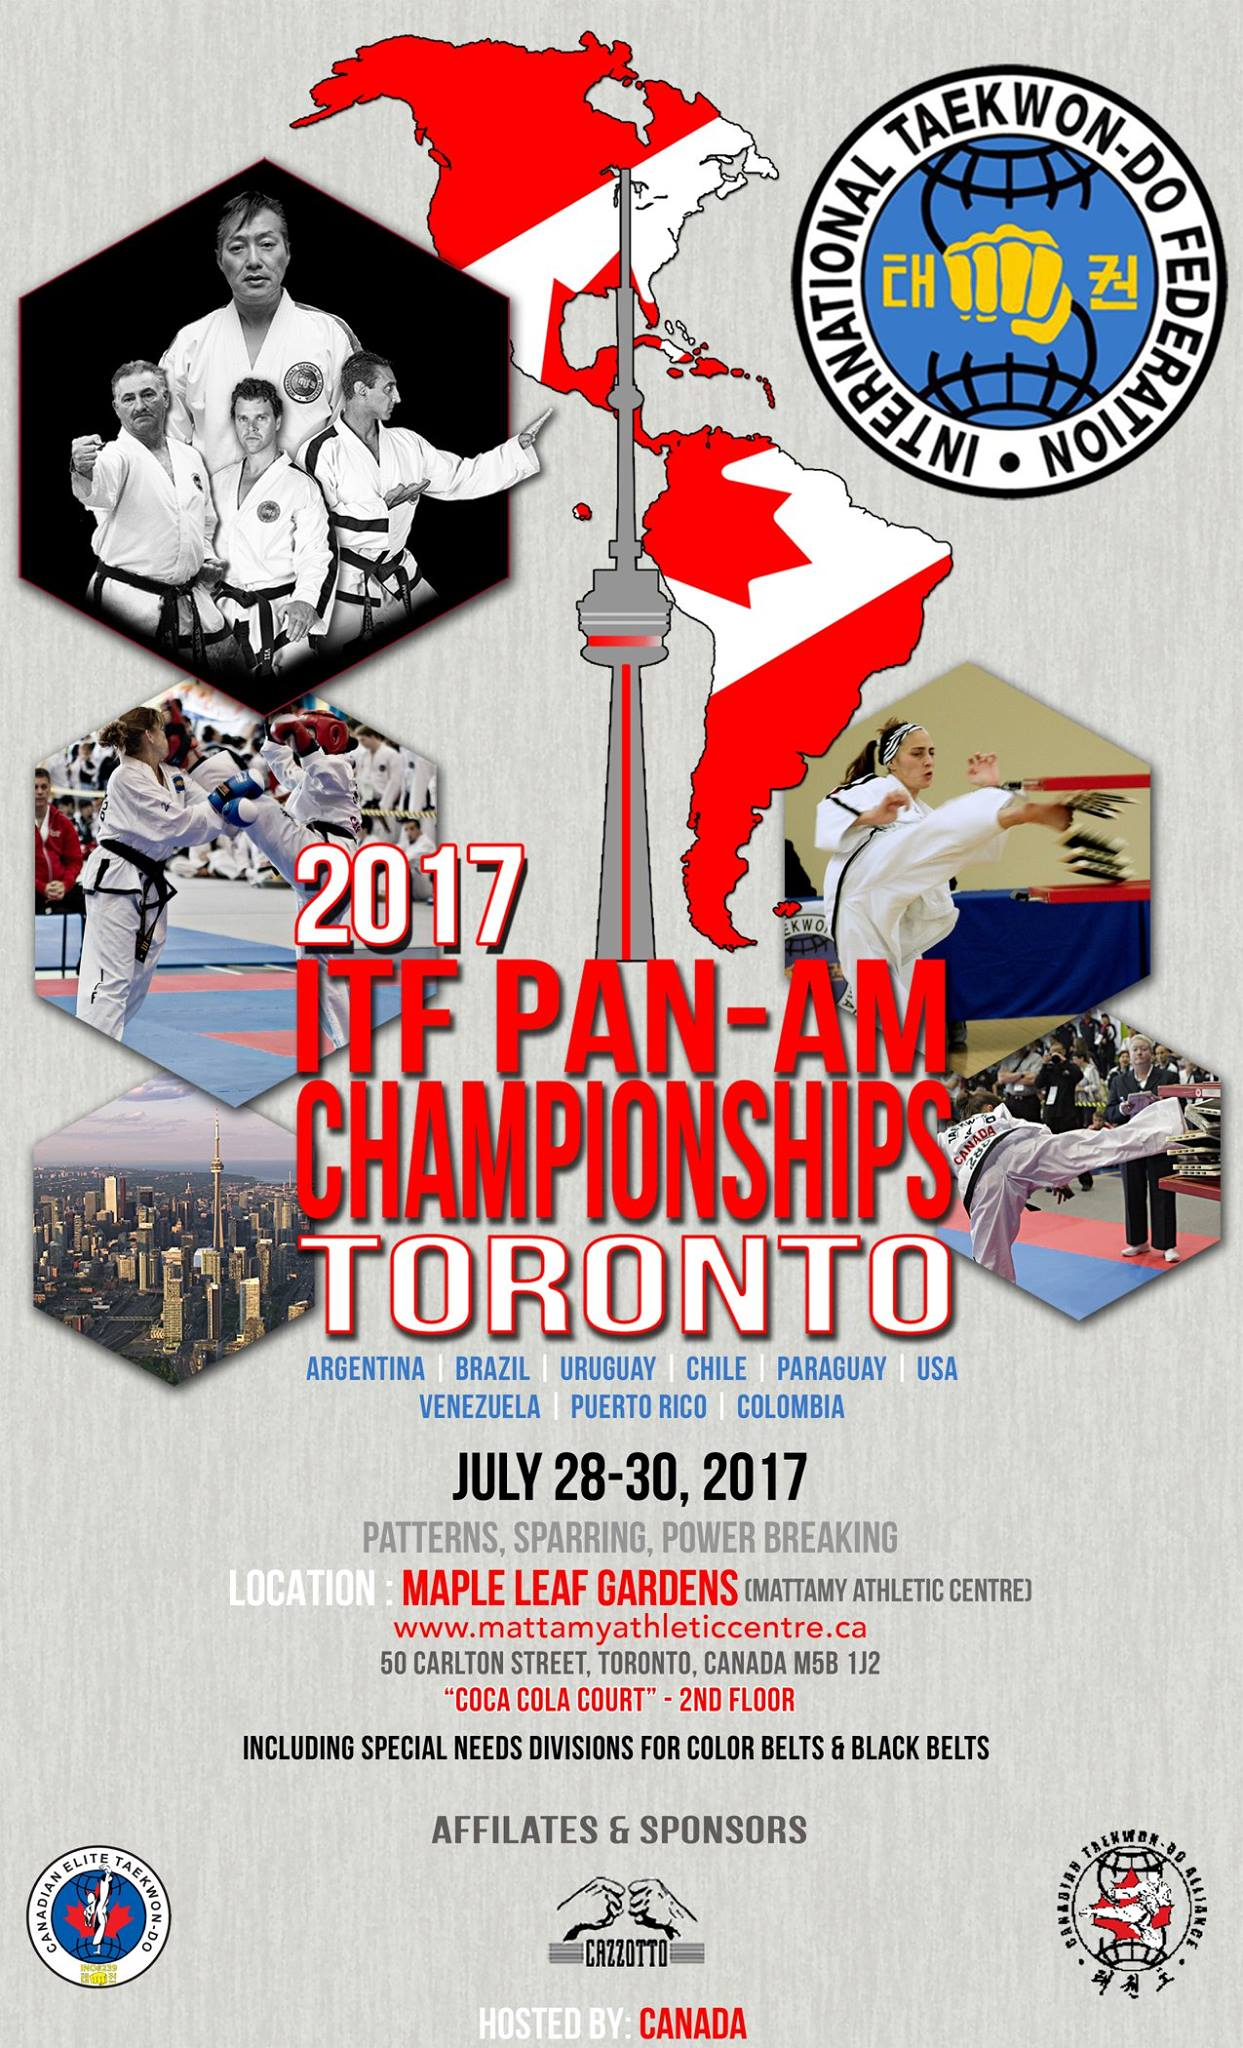 ITF PAN-AM CHAMPIONSHIPS 2017